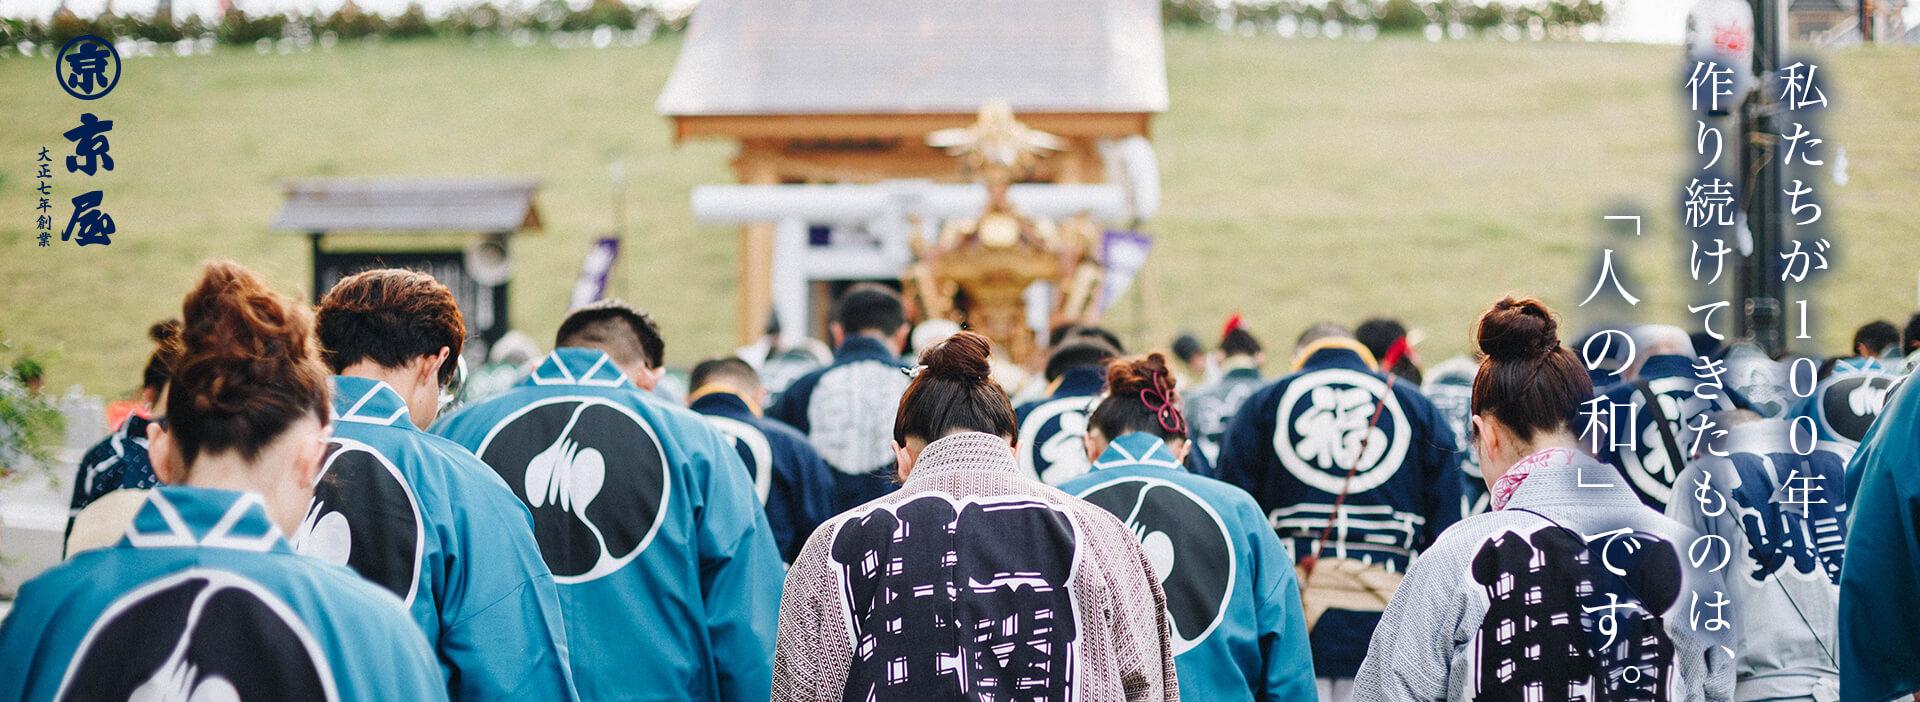 祭り 半纏 法被 伝統 文化 オーダーメイド 岩手 一関